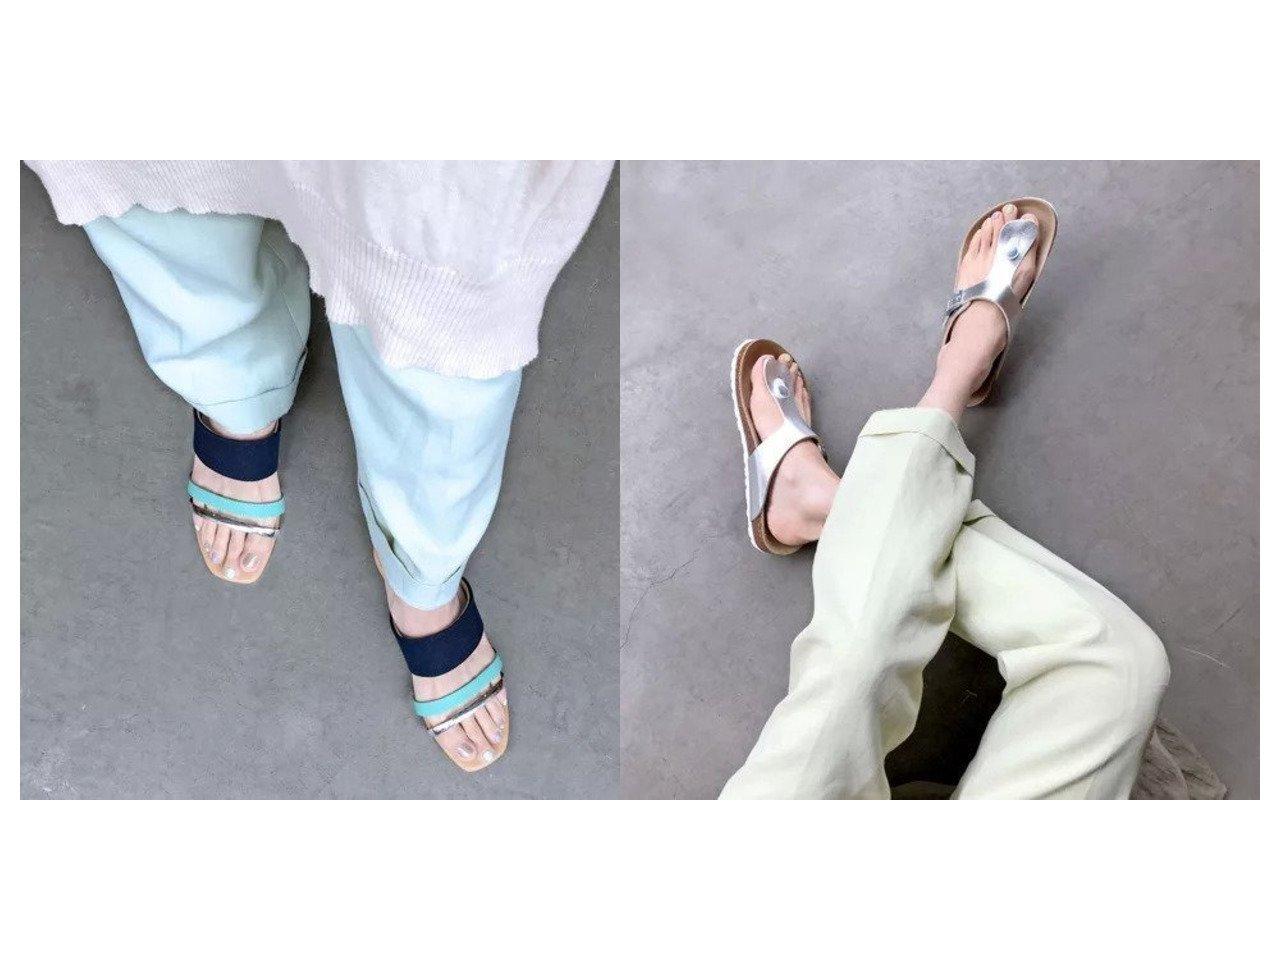 【enchanted/エンチャンテッド】のバイカラーストラップウエッジミュールサンダル&トングバックルフラットサンダル 【シューズ・靴】おすすめ!人気、トレンド・レディースファッションの通販   おすすめで人気の流行・トレンド、ファッションの通販商品 インテリア・家具・メンズファッション・キッズファッション・レディースファッション・服の通販 founy(ファニー) https://founy.com/ ファッション Fashion レディースファッション WOMEN バッグ Bag おすすめ Recommend コンビ サンダル シューズ シンプル フィット  ID:crp329100000052227